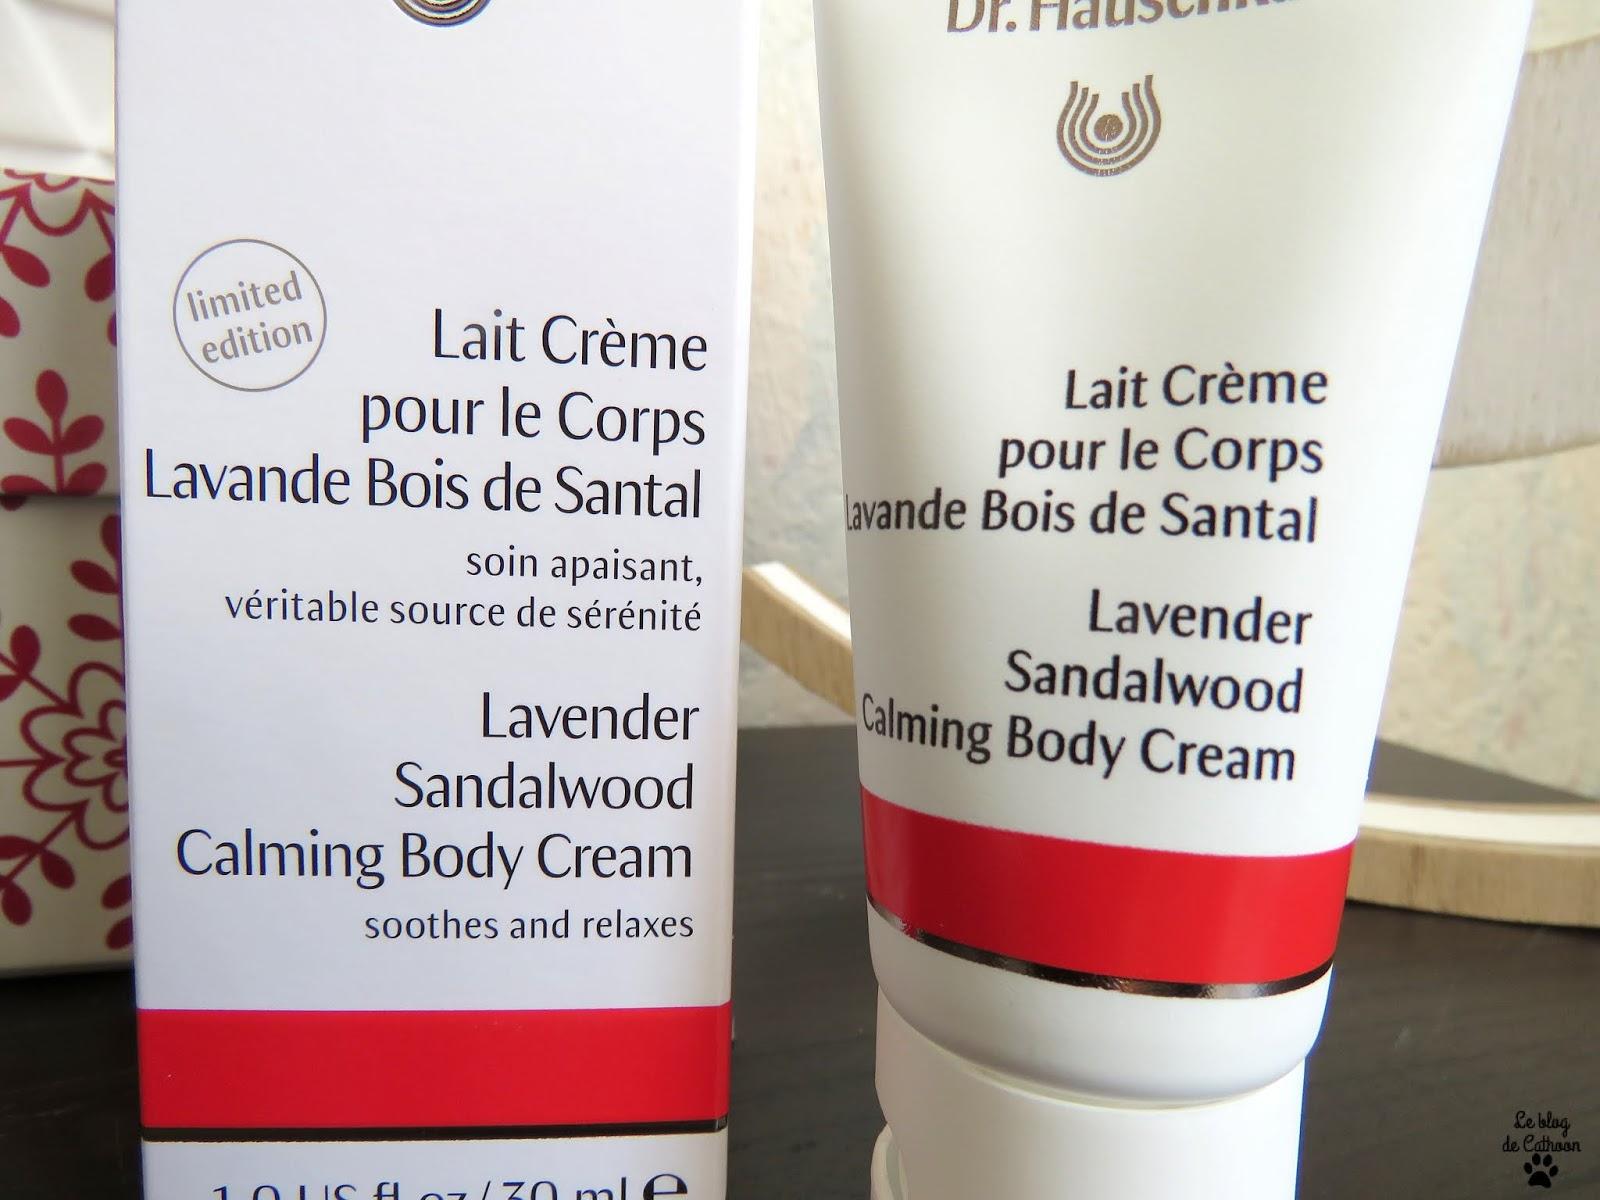 Lait Crème pour le Corps Lavande Bois de Santal - Dr Hauschka